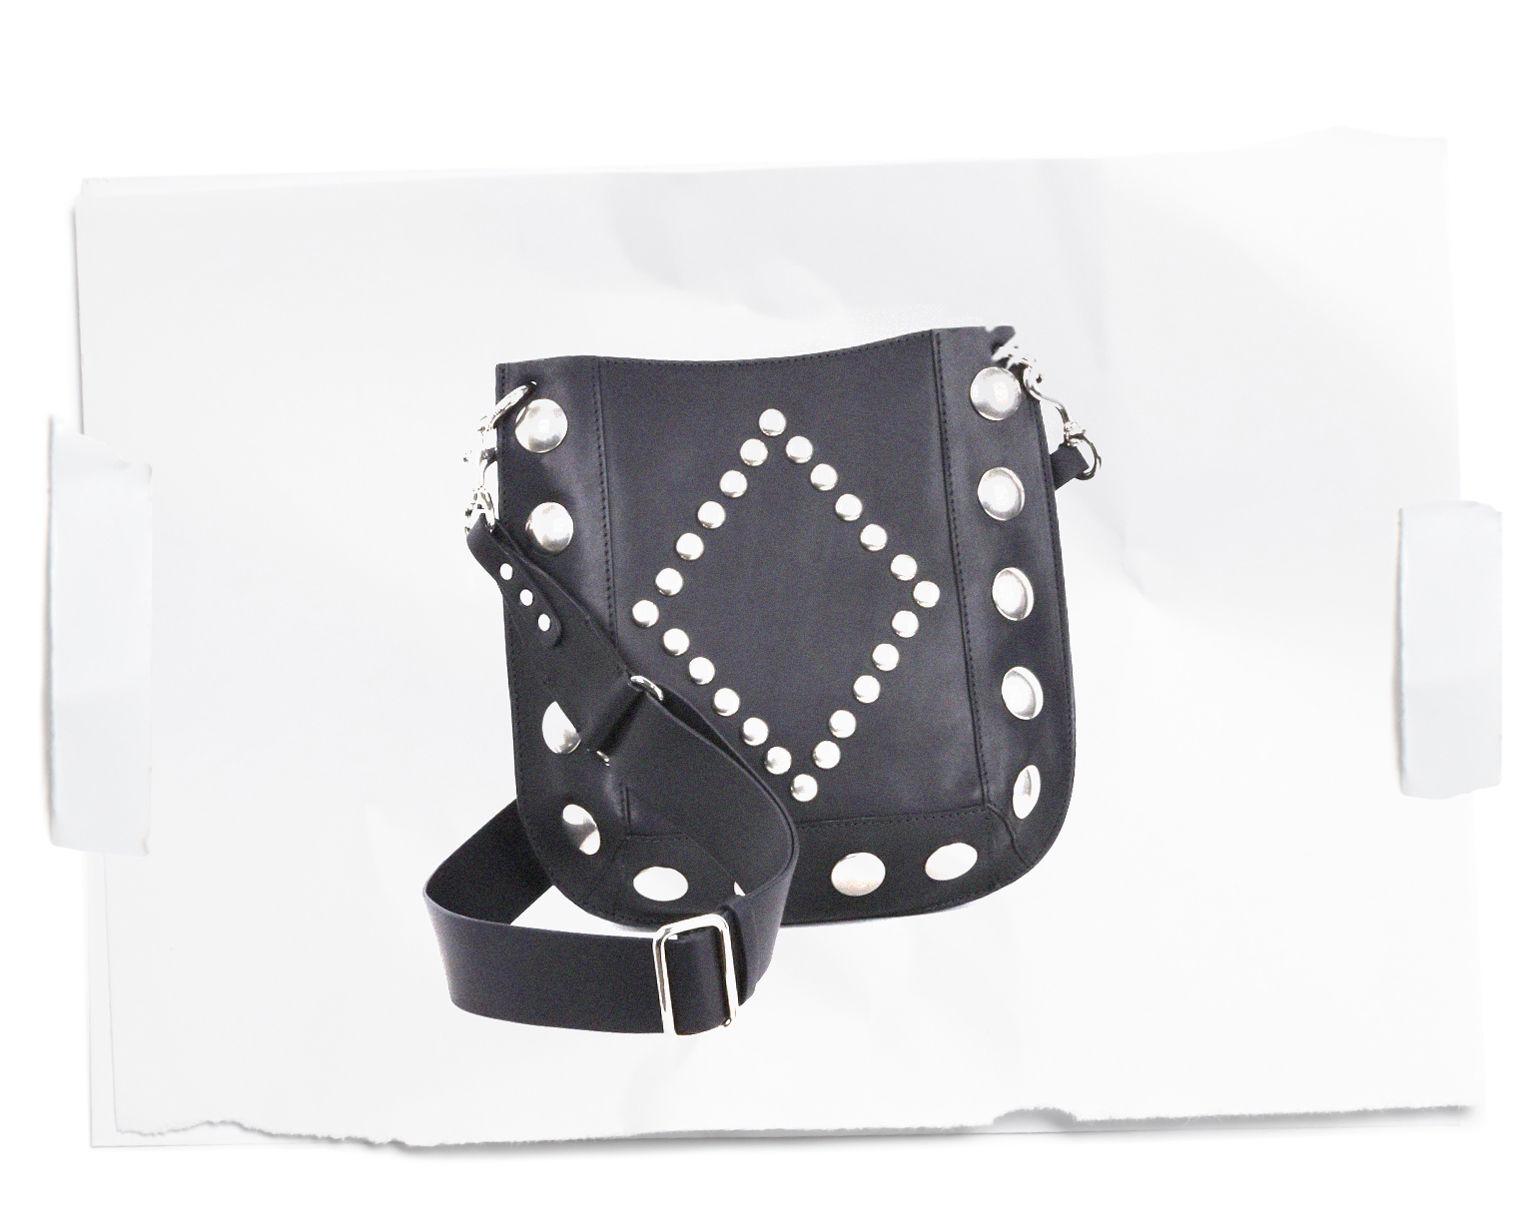 OSKAN studded vegetable leather cross body hobo bag